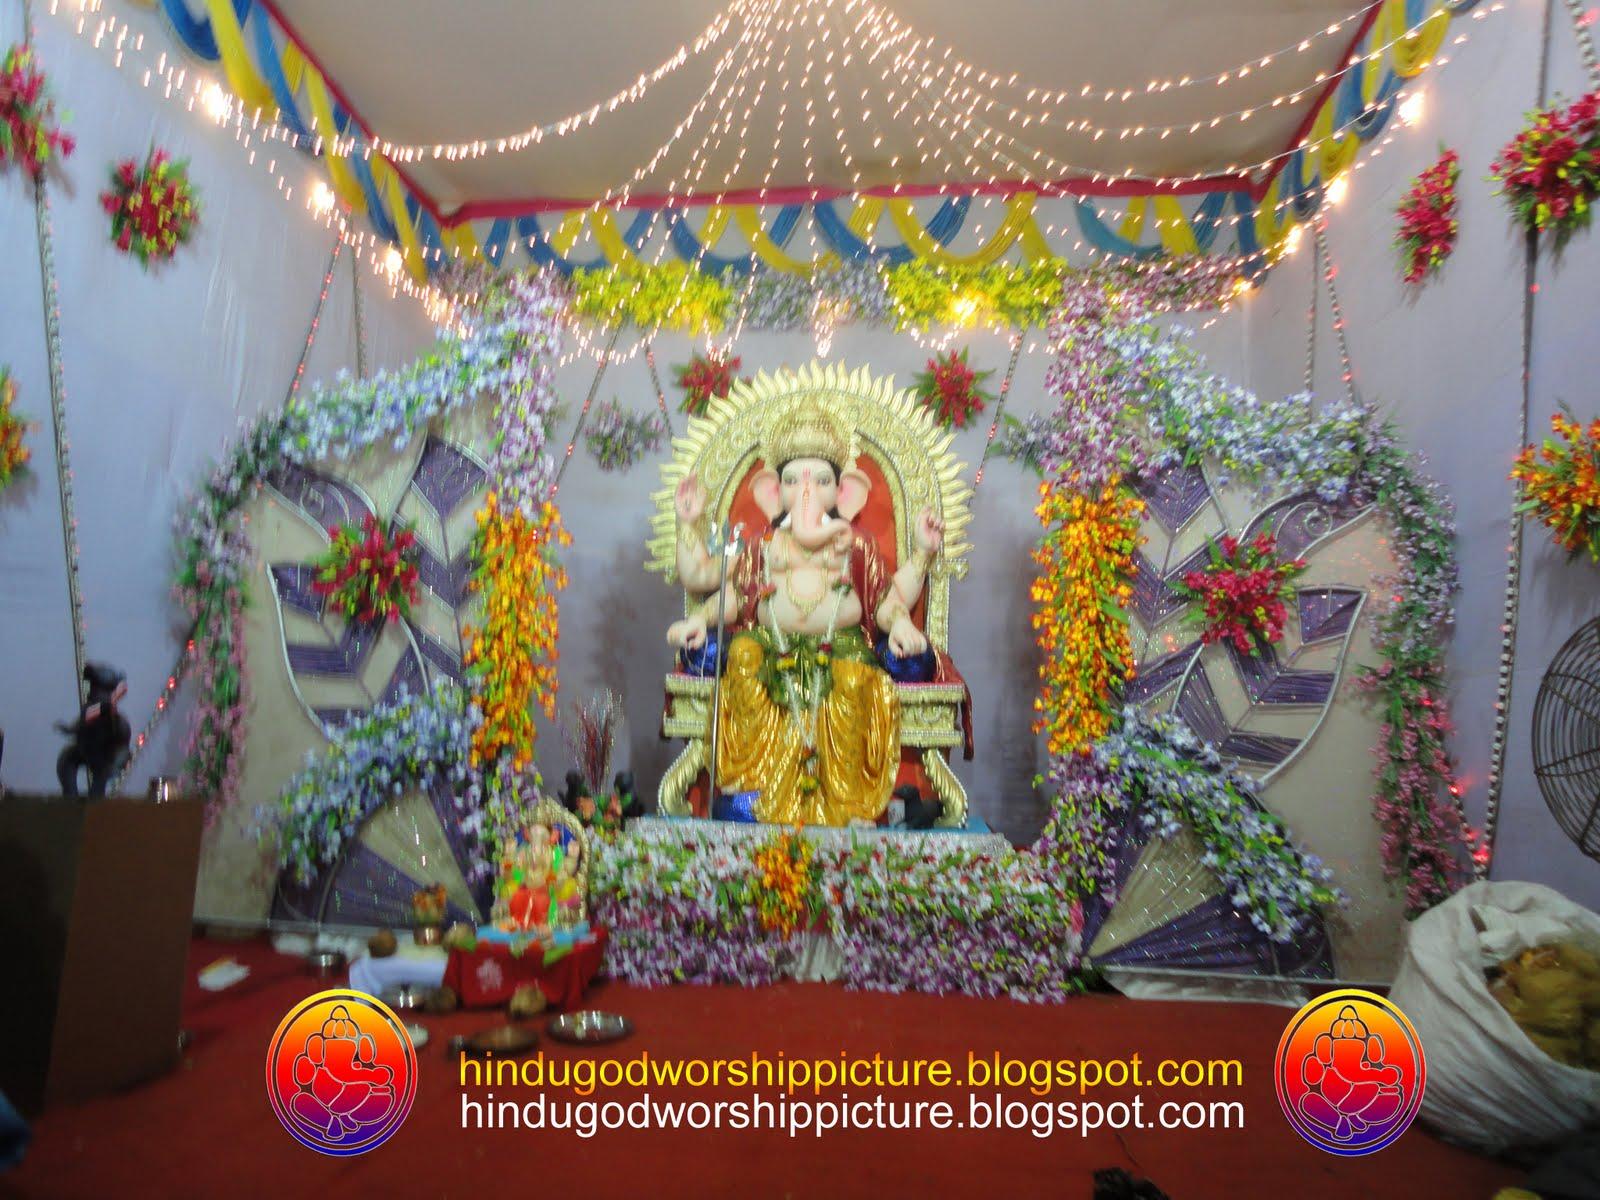 Pen Ganesh Murtidownload Hd: Http://qbkonline.com/